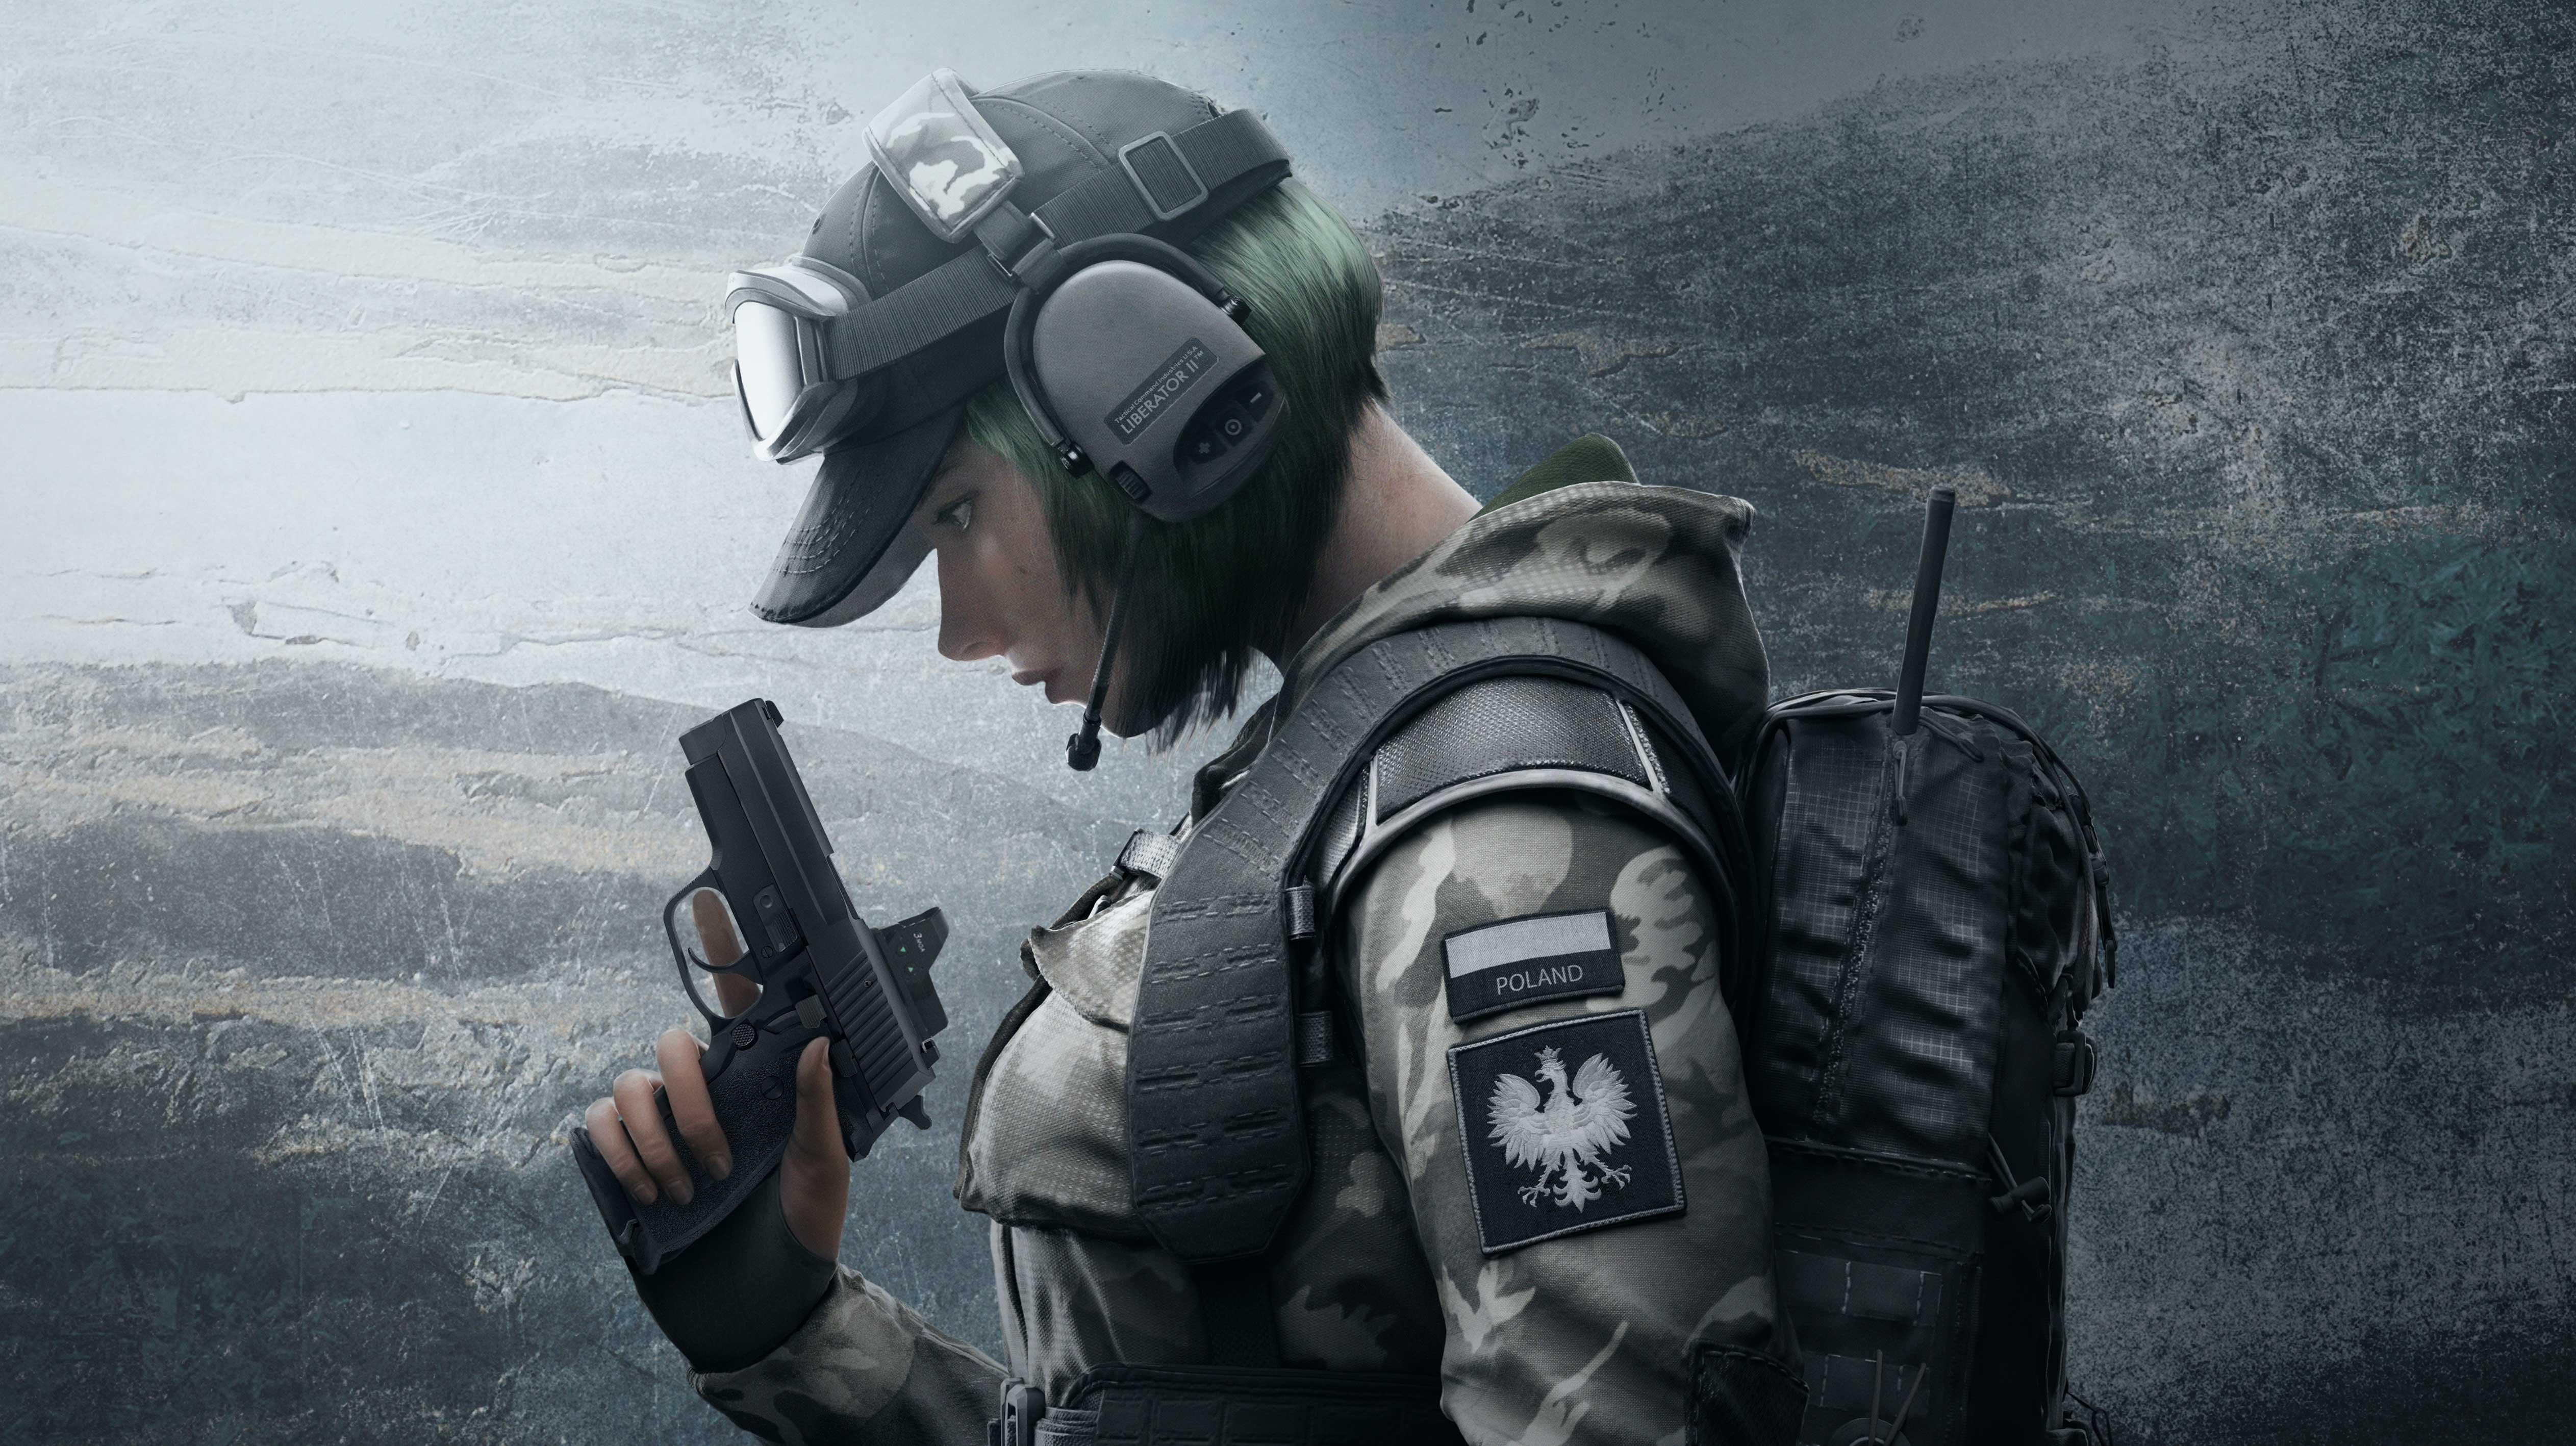 Soldier Video Games Rainbowsix Siege Digital Art Dark: Tom Clancys Rainbow Six Siege Soldier 5k, HD Games, 4k